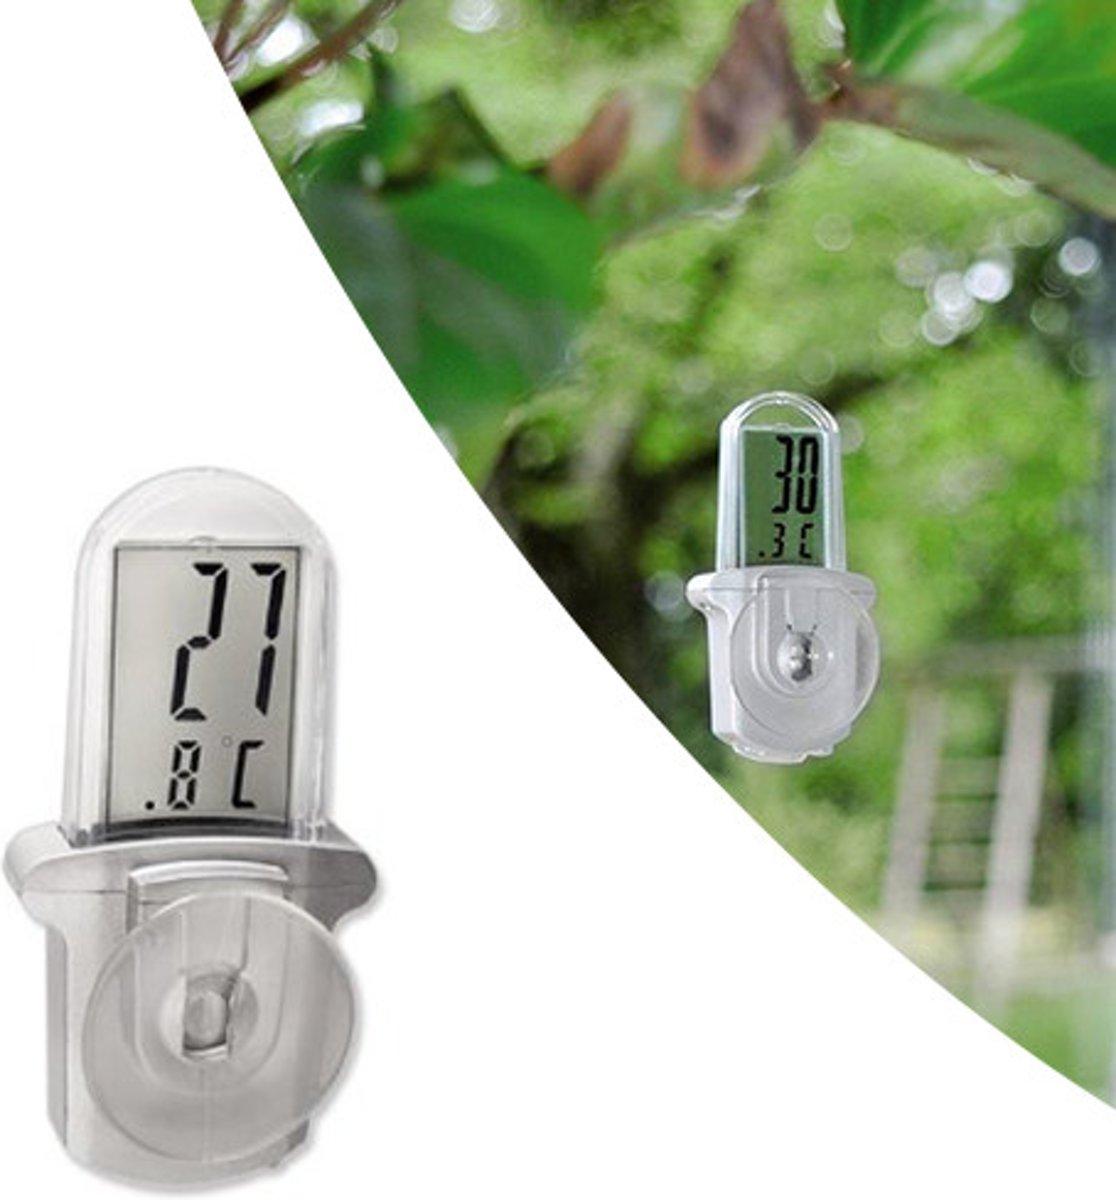 Grundig Waterdicht Digitale Thermometer Met Zuignap   Buiten Thermometer   Outdoor Raam Thermometer  Inclusief Batterij kopen